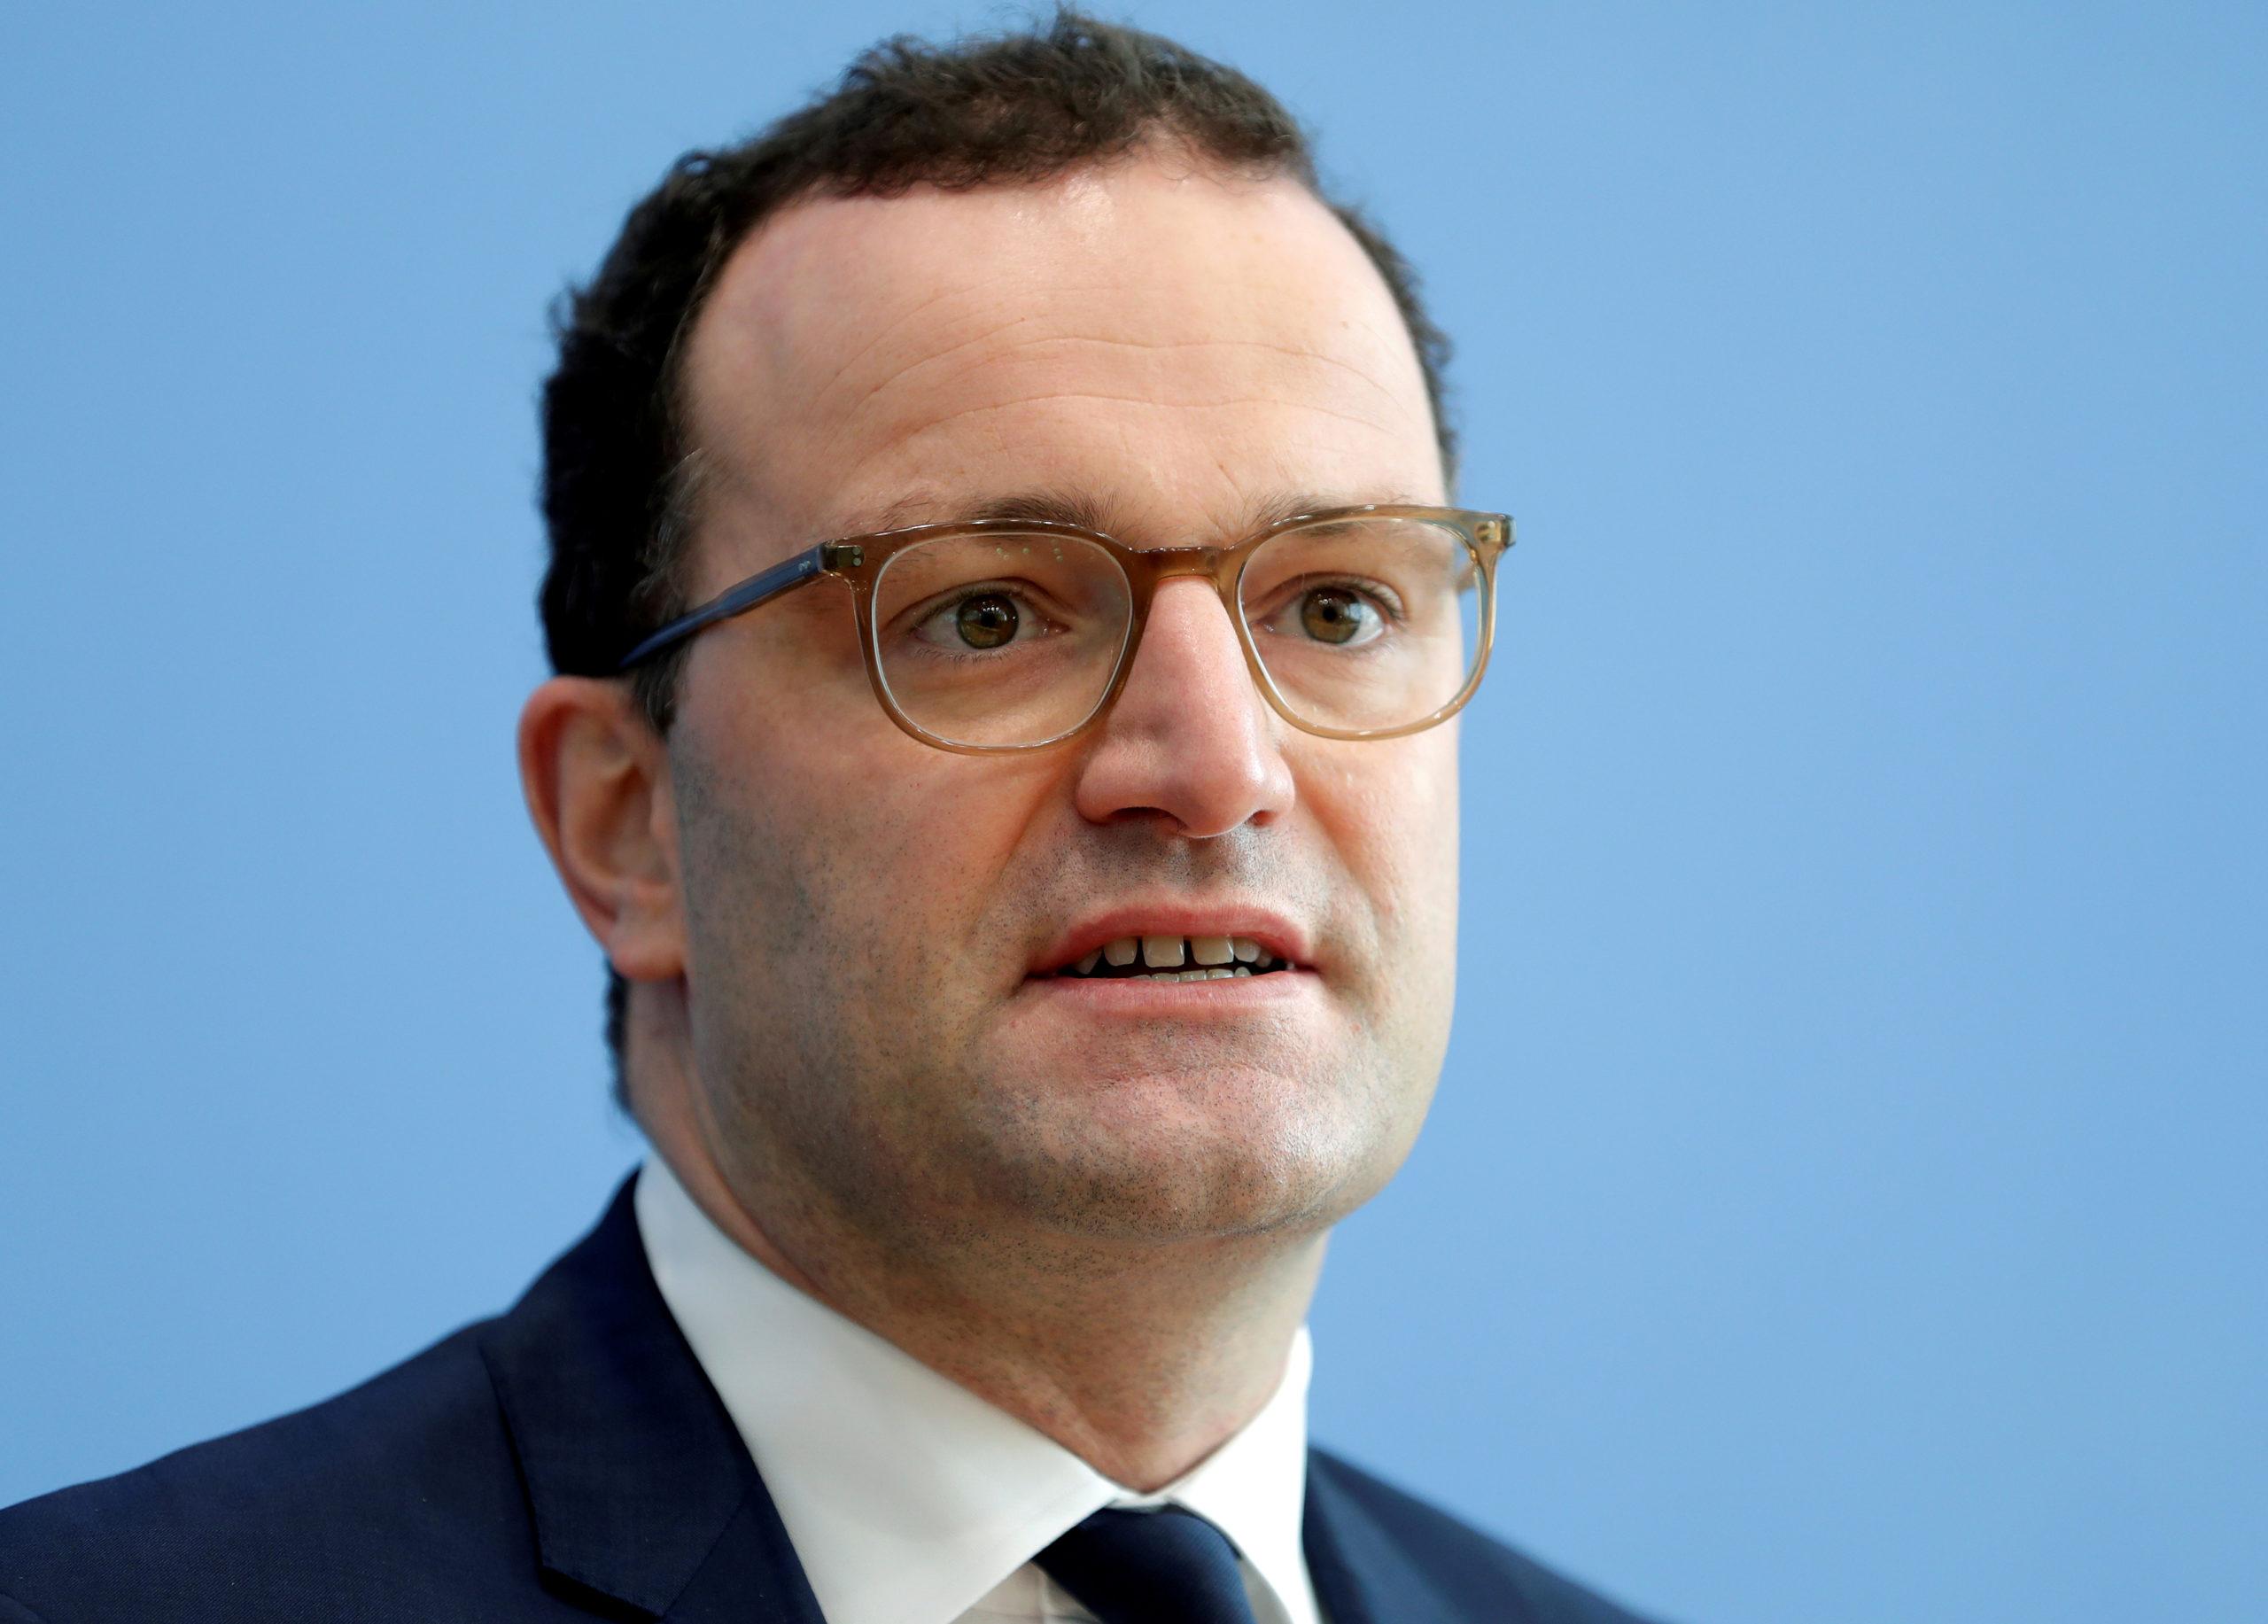 Allemagne: Les mesures de confinement ne seront probablement pas levées avant la fin de l'hiver, estime le ministre de la Santé